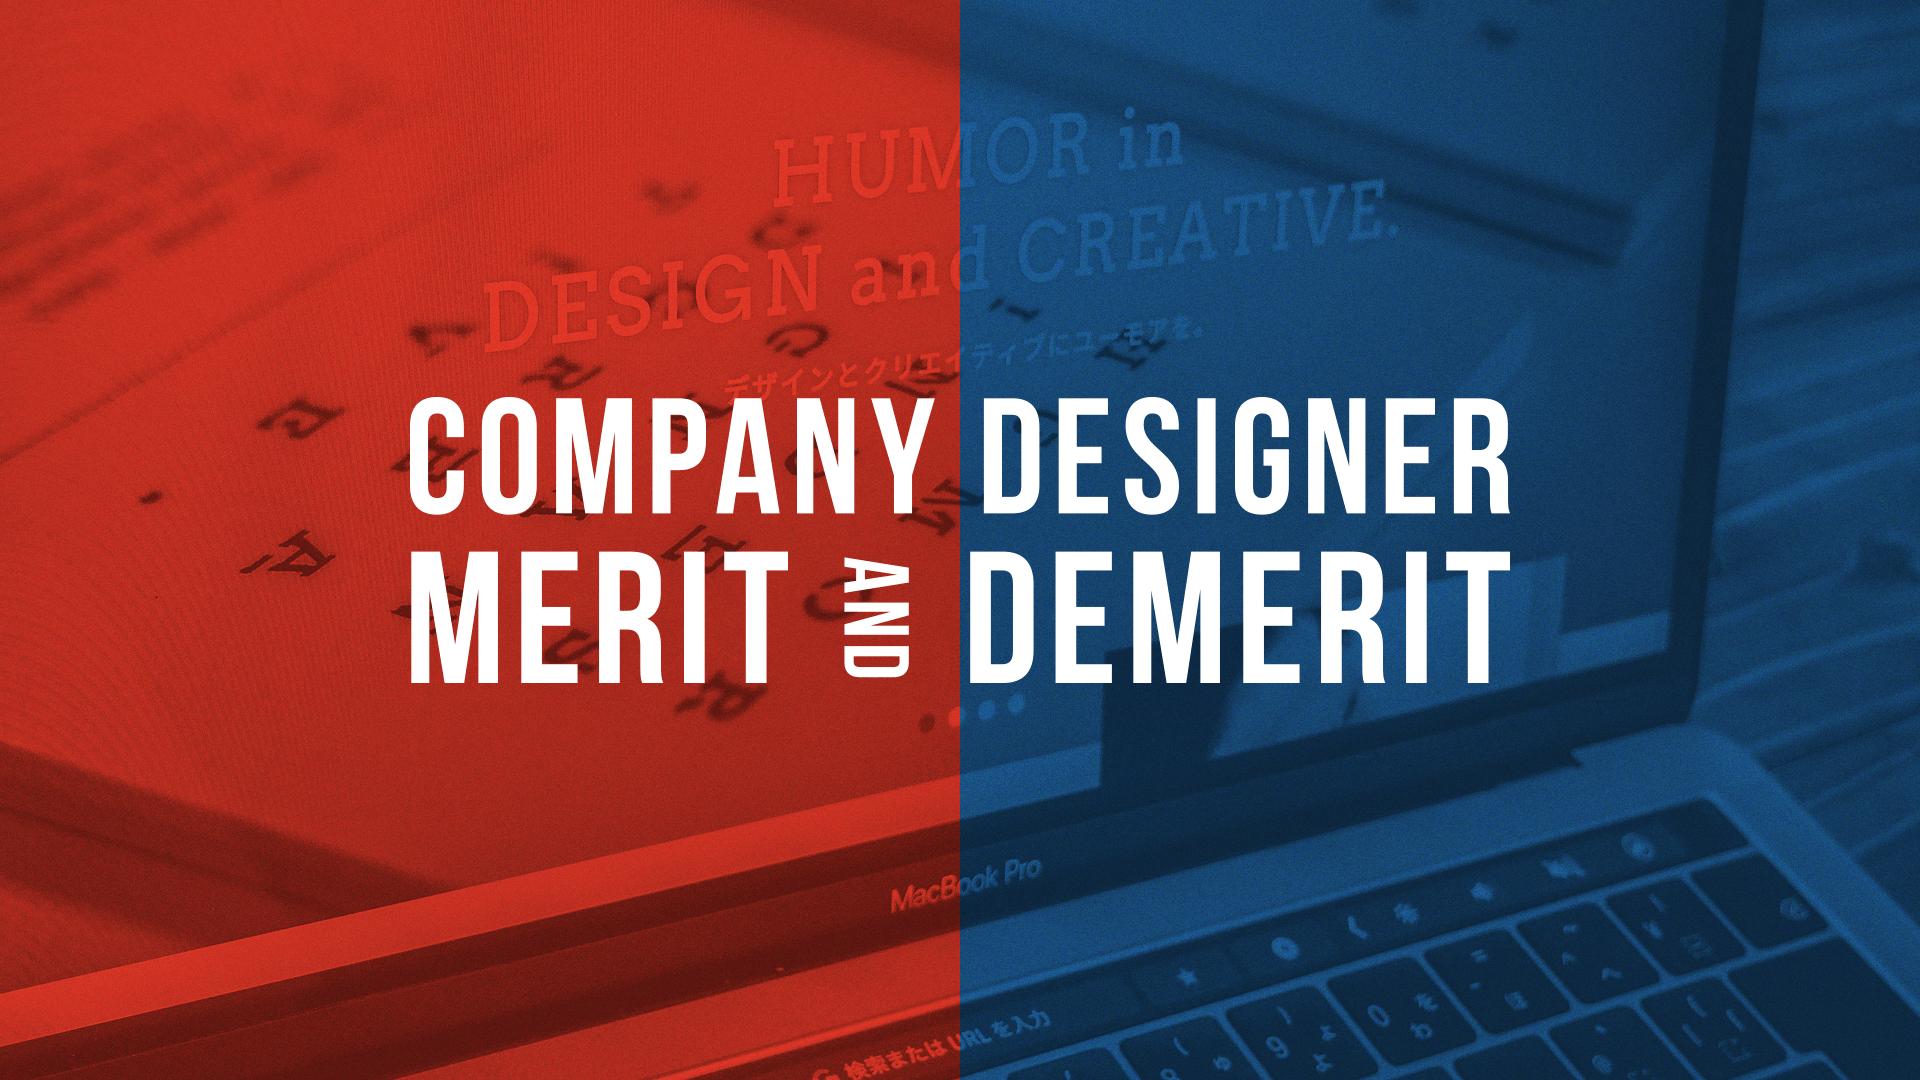 11年企業にいたから言えるインハウスデザイナーのメリット・デメリット